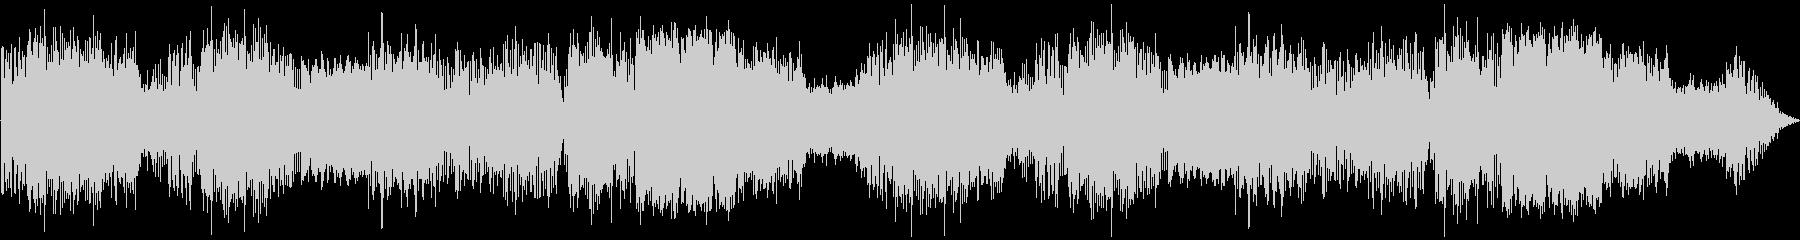 ピアノ・8bit・フィールドマップ・壮大の未再生の波形